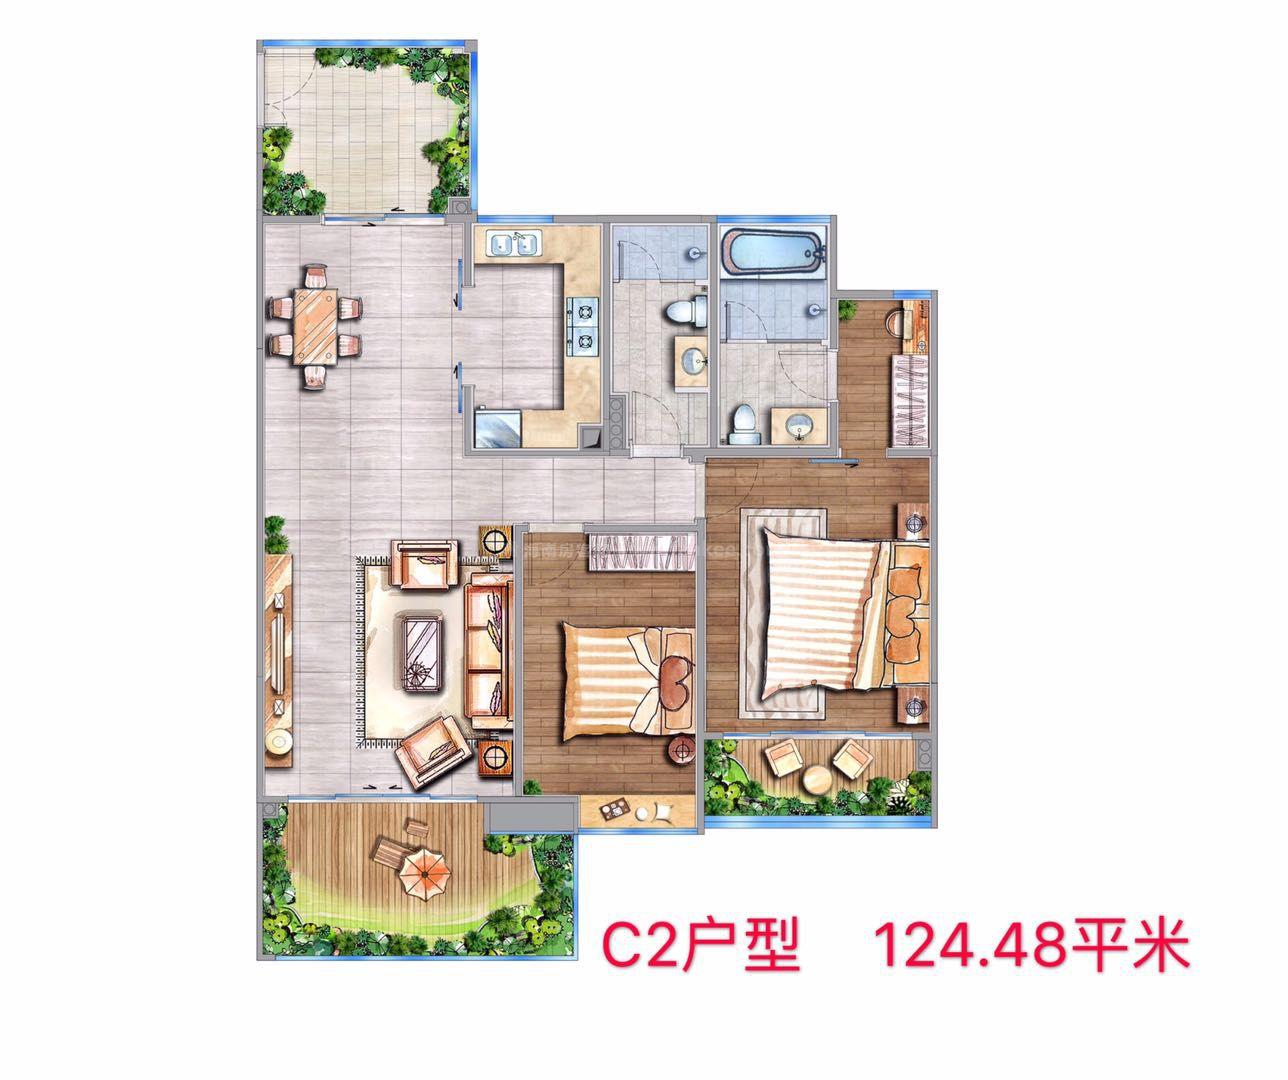 C2户型 2房1厅1厨2卫 建筑面积约124.48㎡